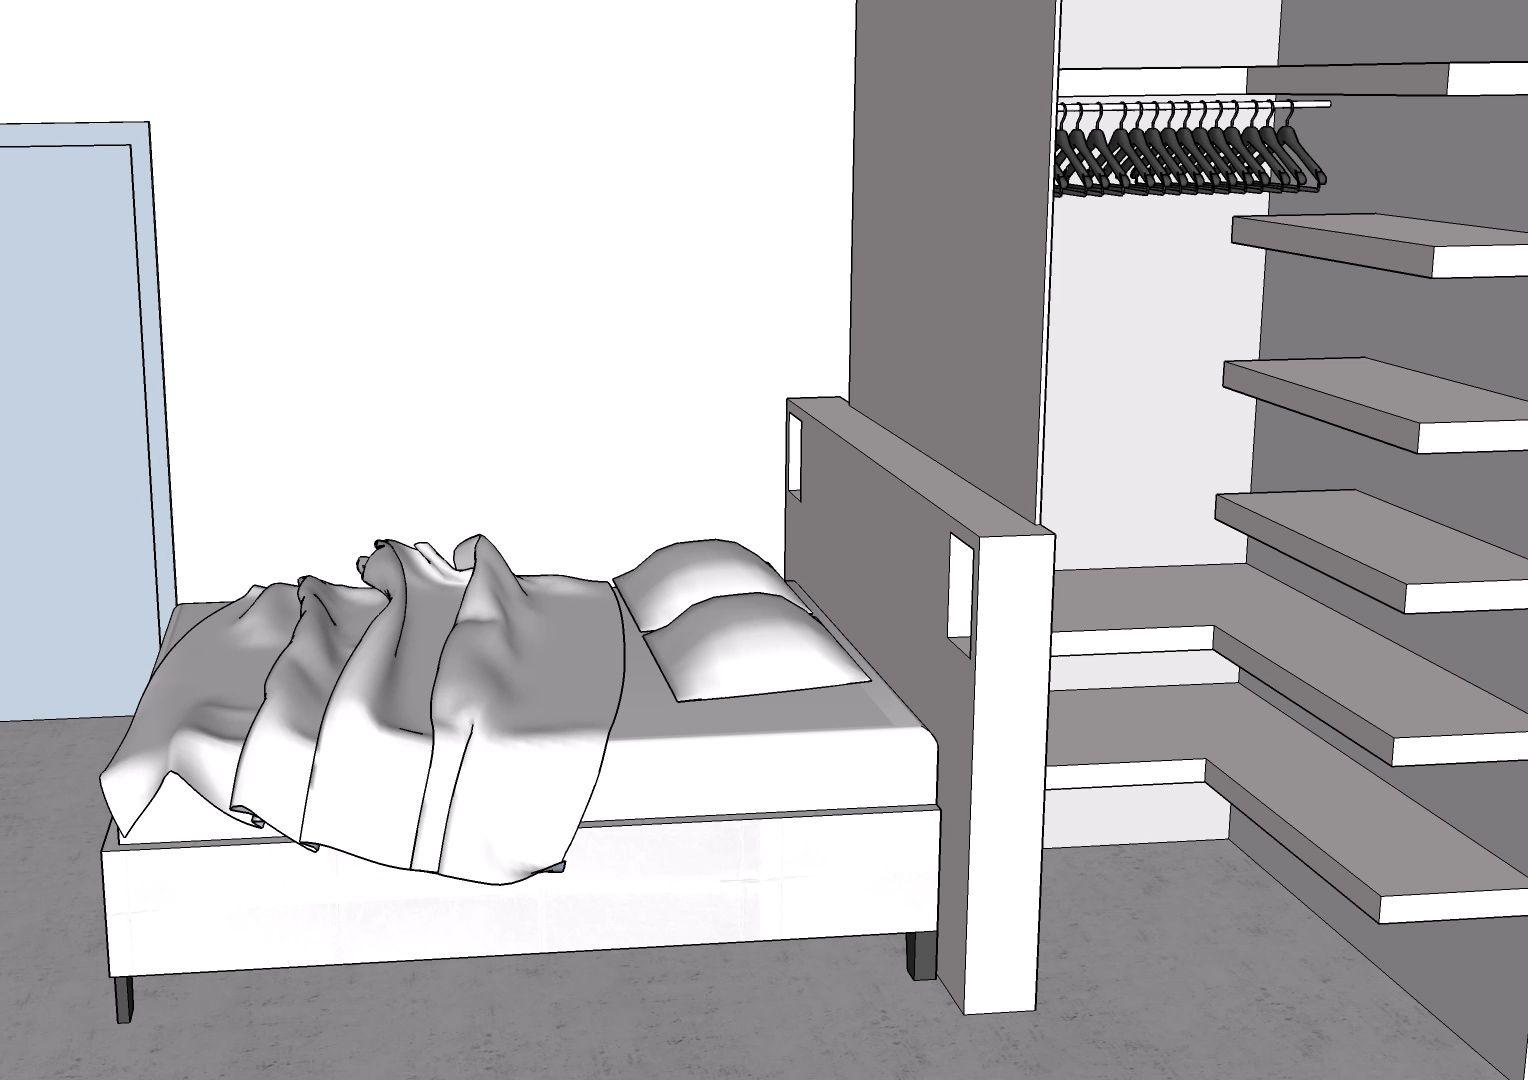 Fabriquer Un Dressing Dans Une Chambre le dressing est construit à l'arrière de la tête de lit. il